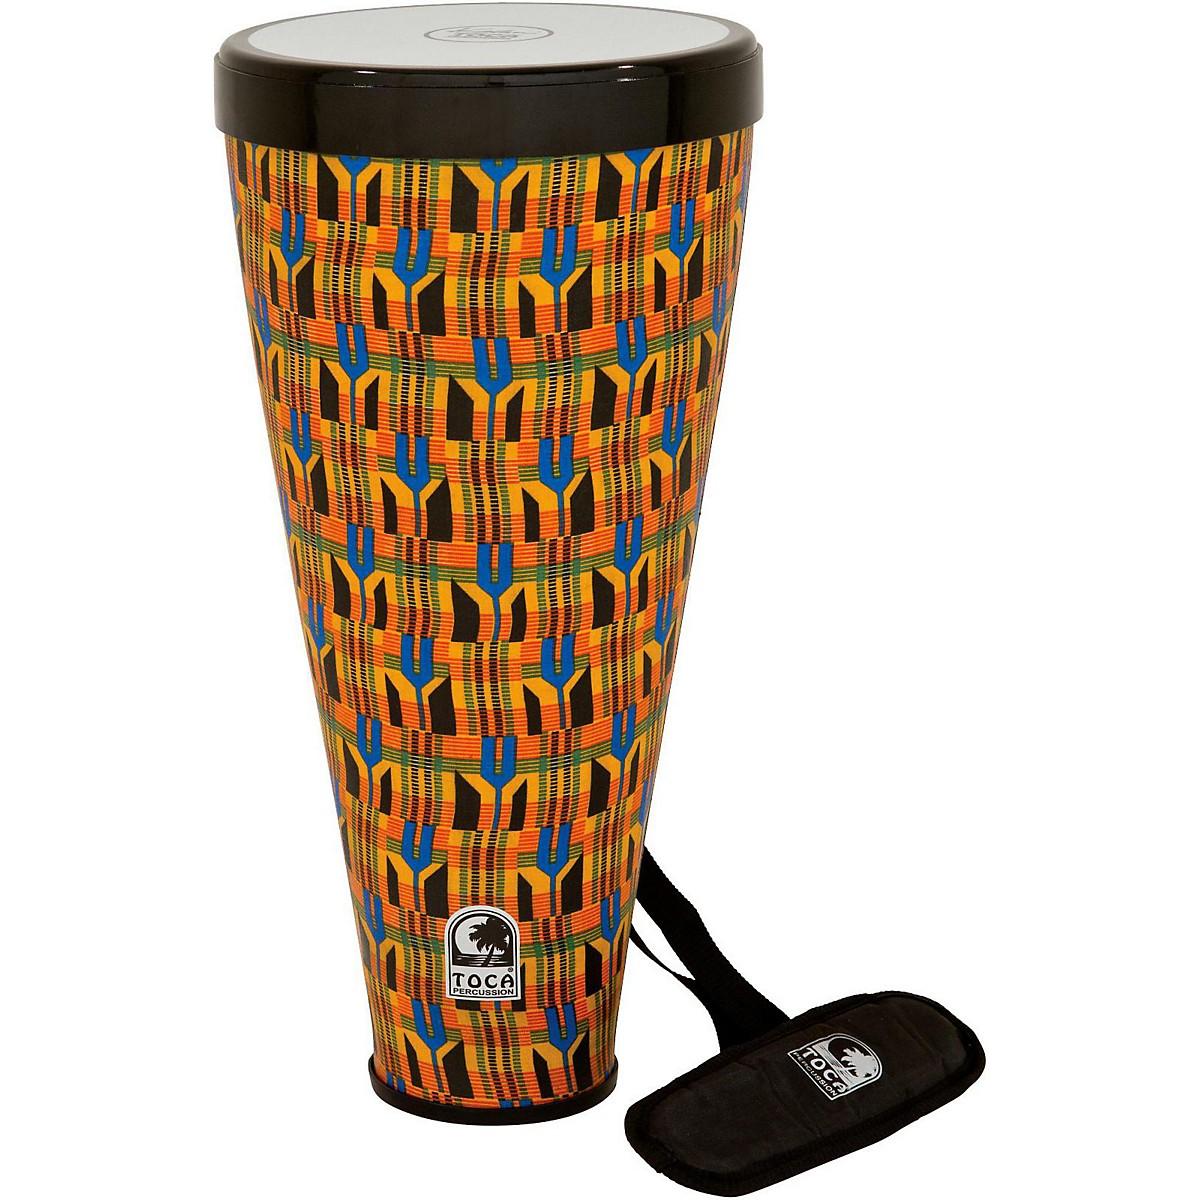 Toca Flex Drum with Strap